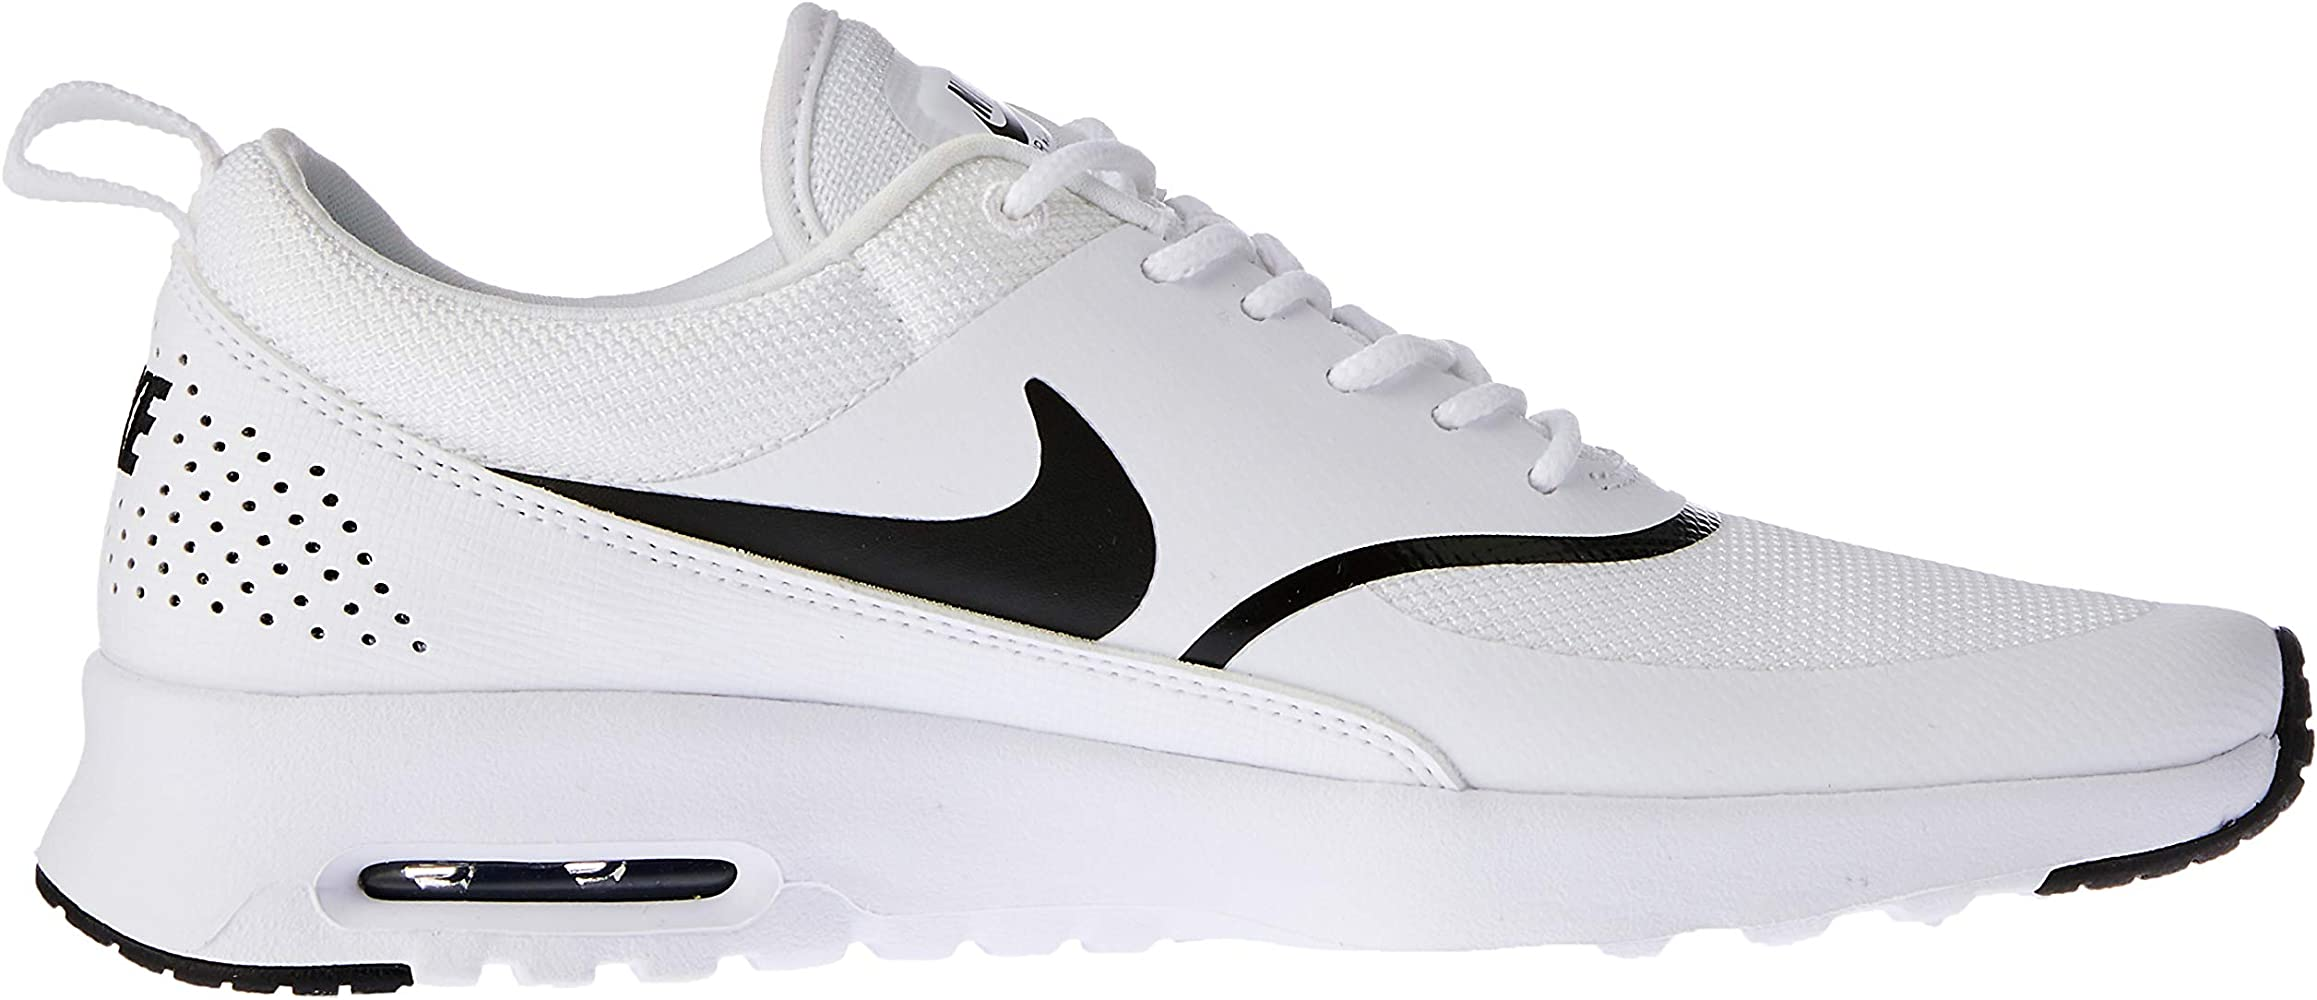 Schuhe NIKE Air Max Thea 599409 108 WhiteBlack